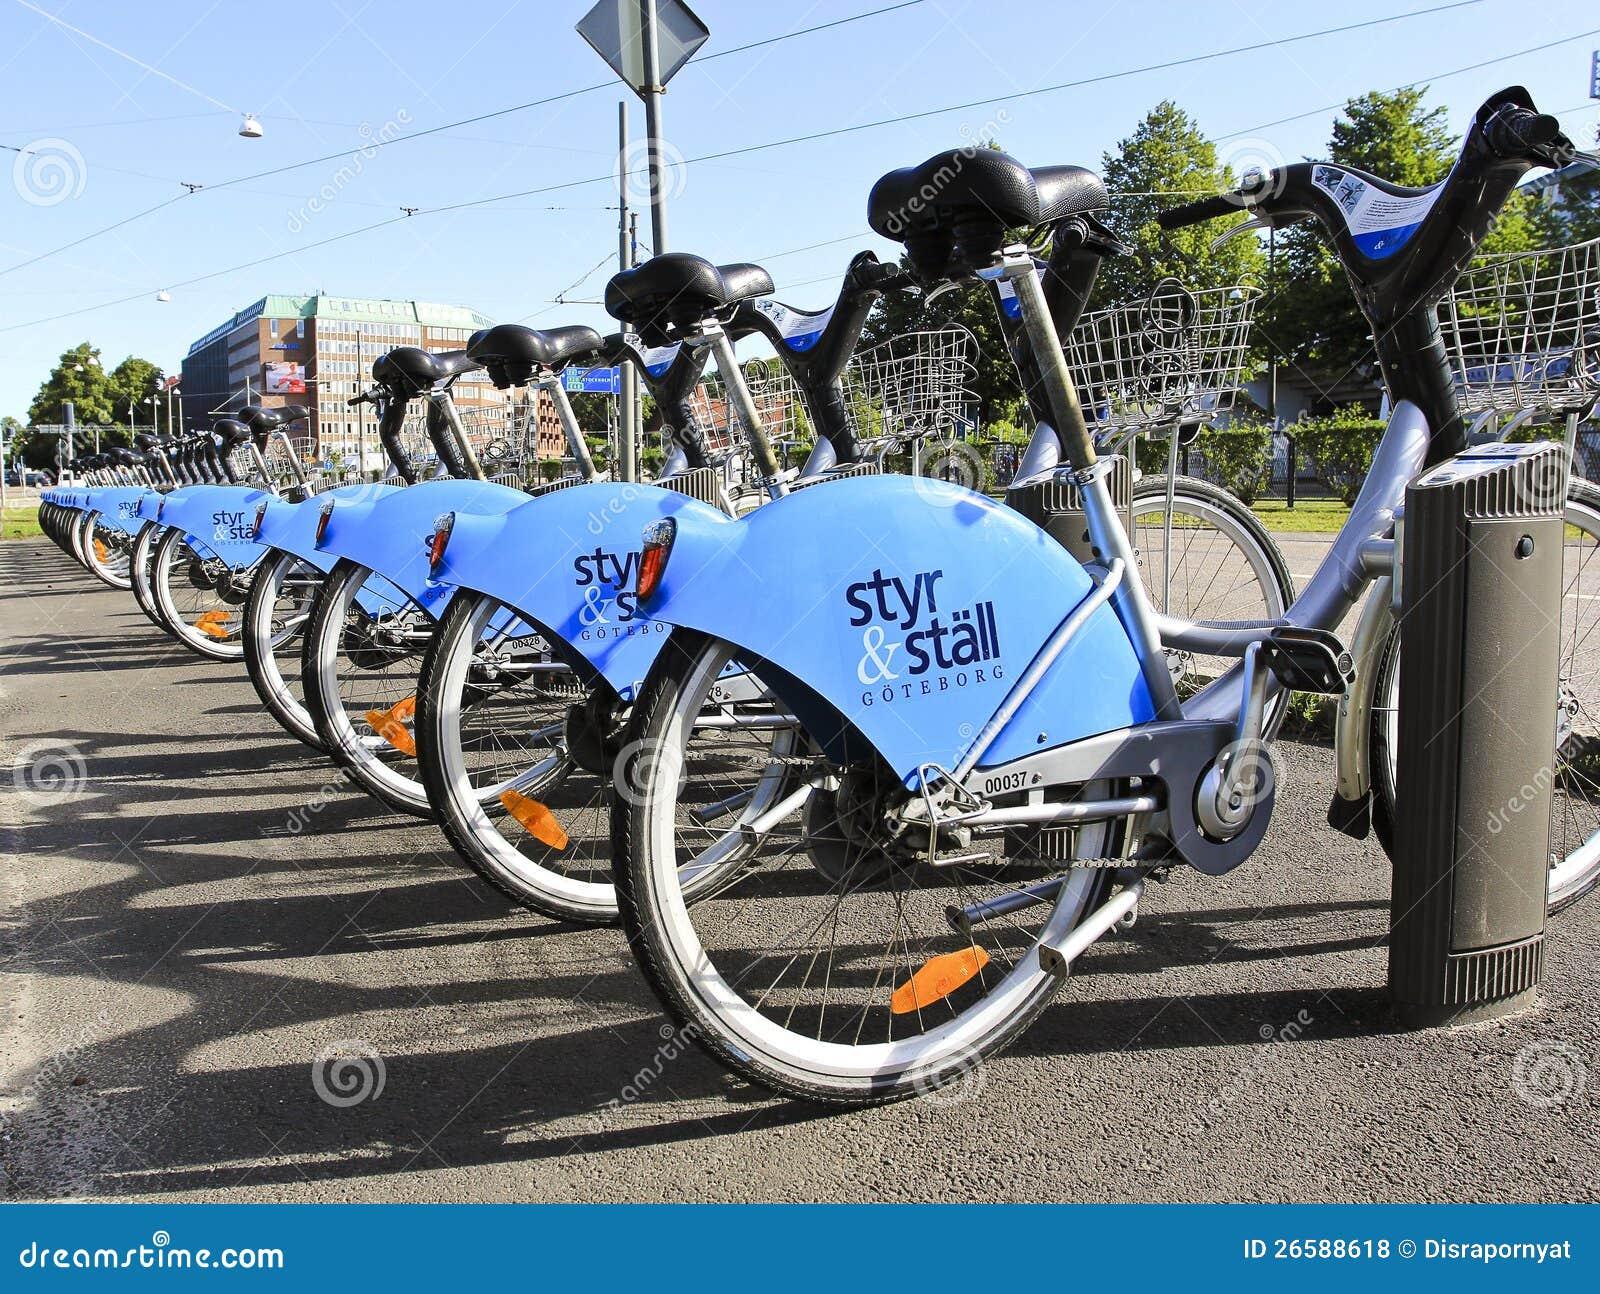 Goteborg Sweden - 9 August 2012 City Bikes in Got